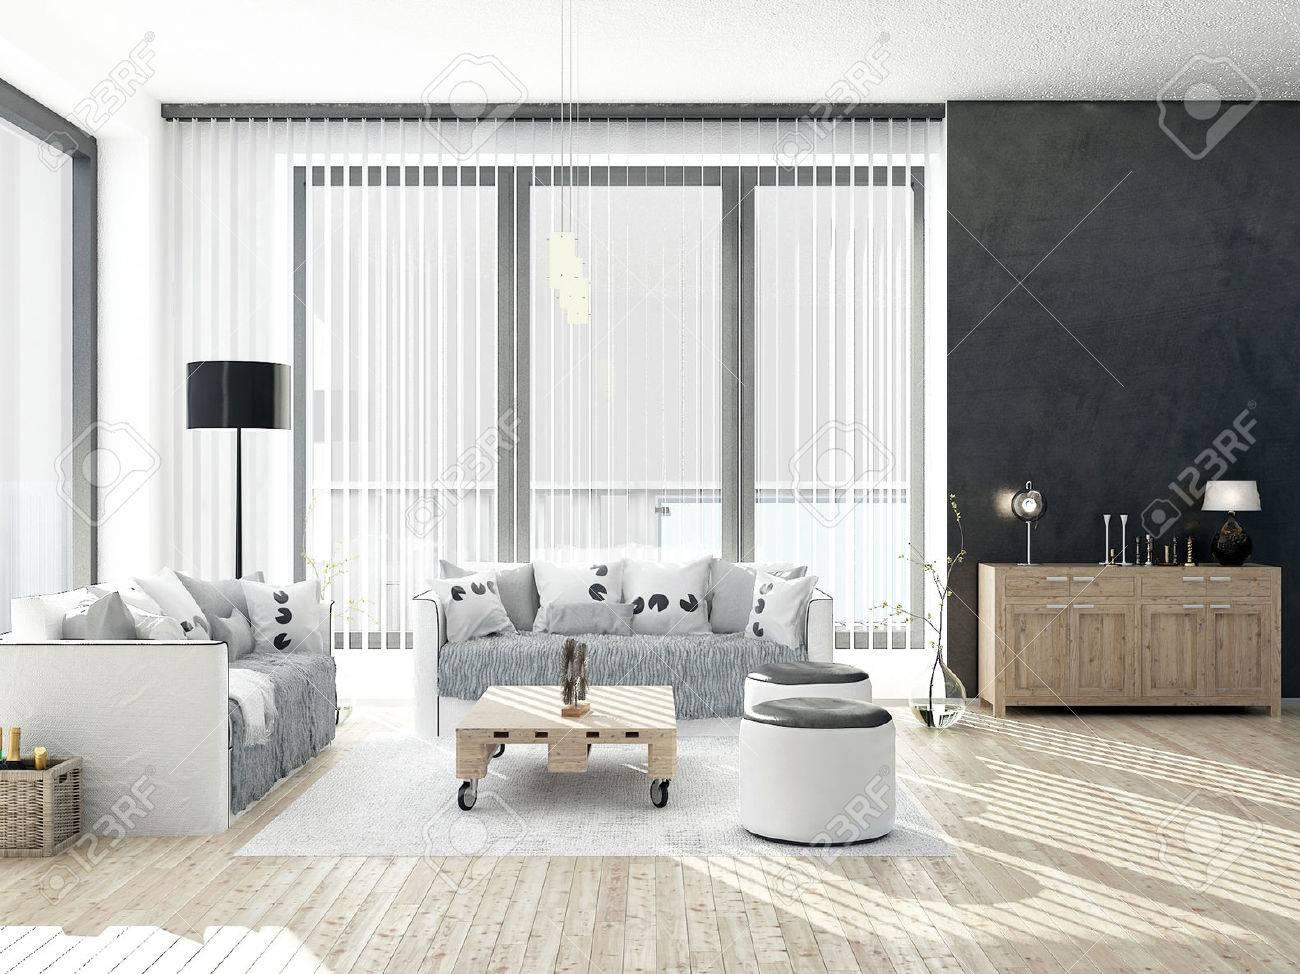 Zwart wit woonkamer met houten vloer royalty vrije foto, plaatjes ...